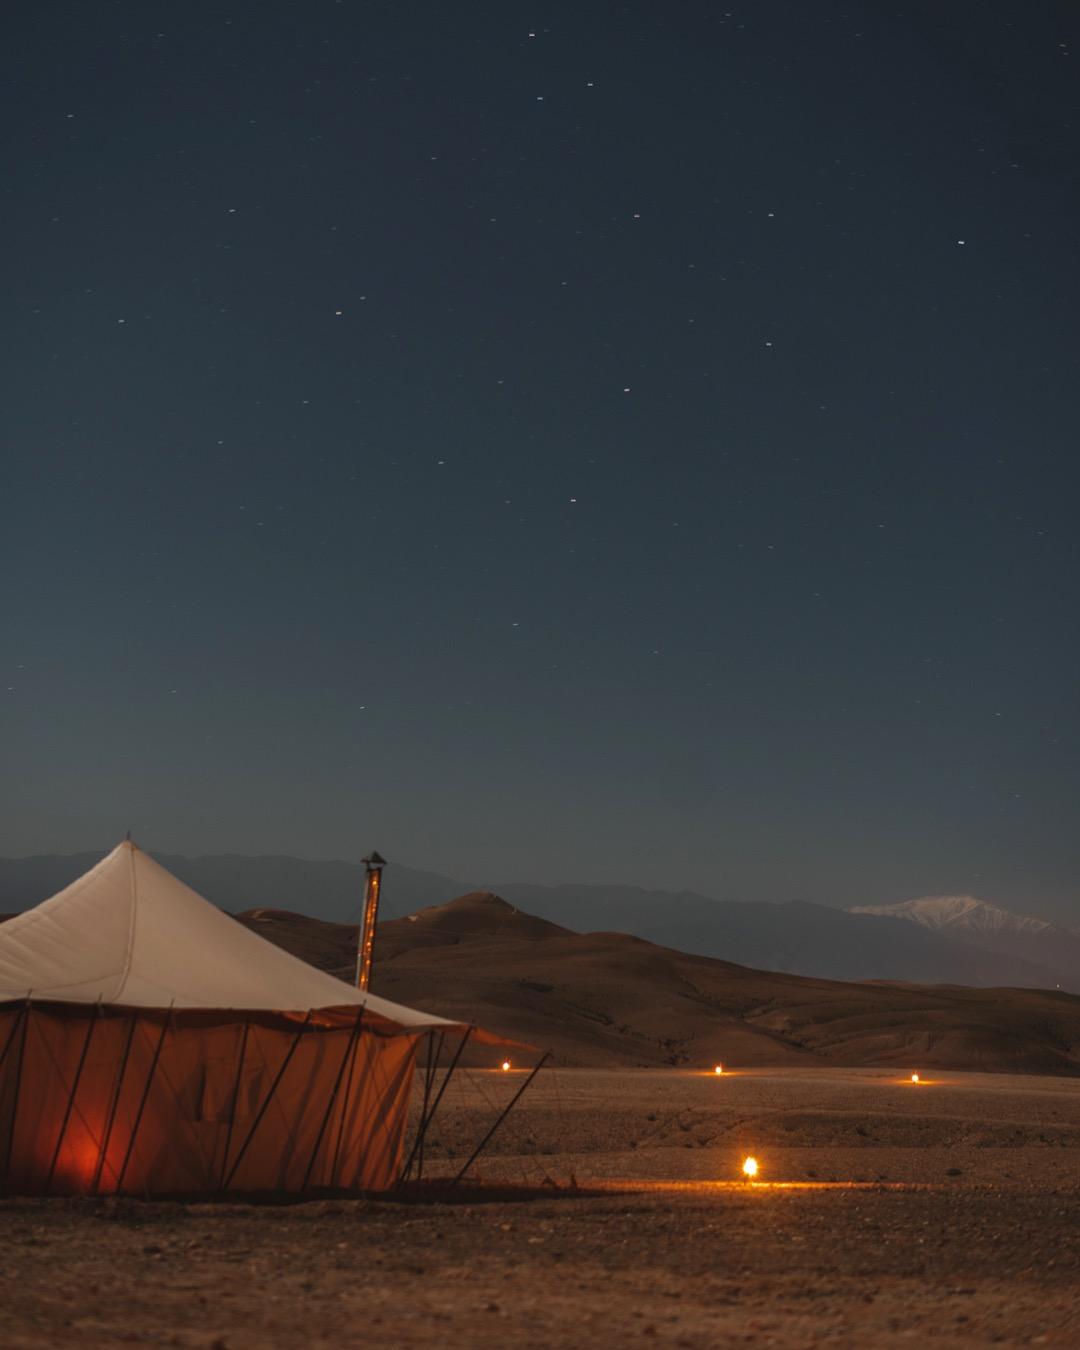 Apprendre la photo de paysage de nuit au Maroc